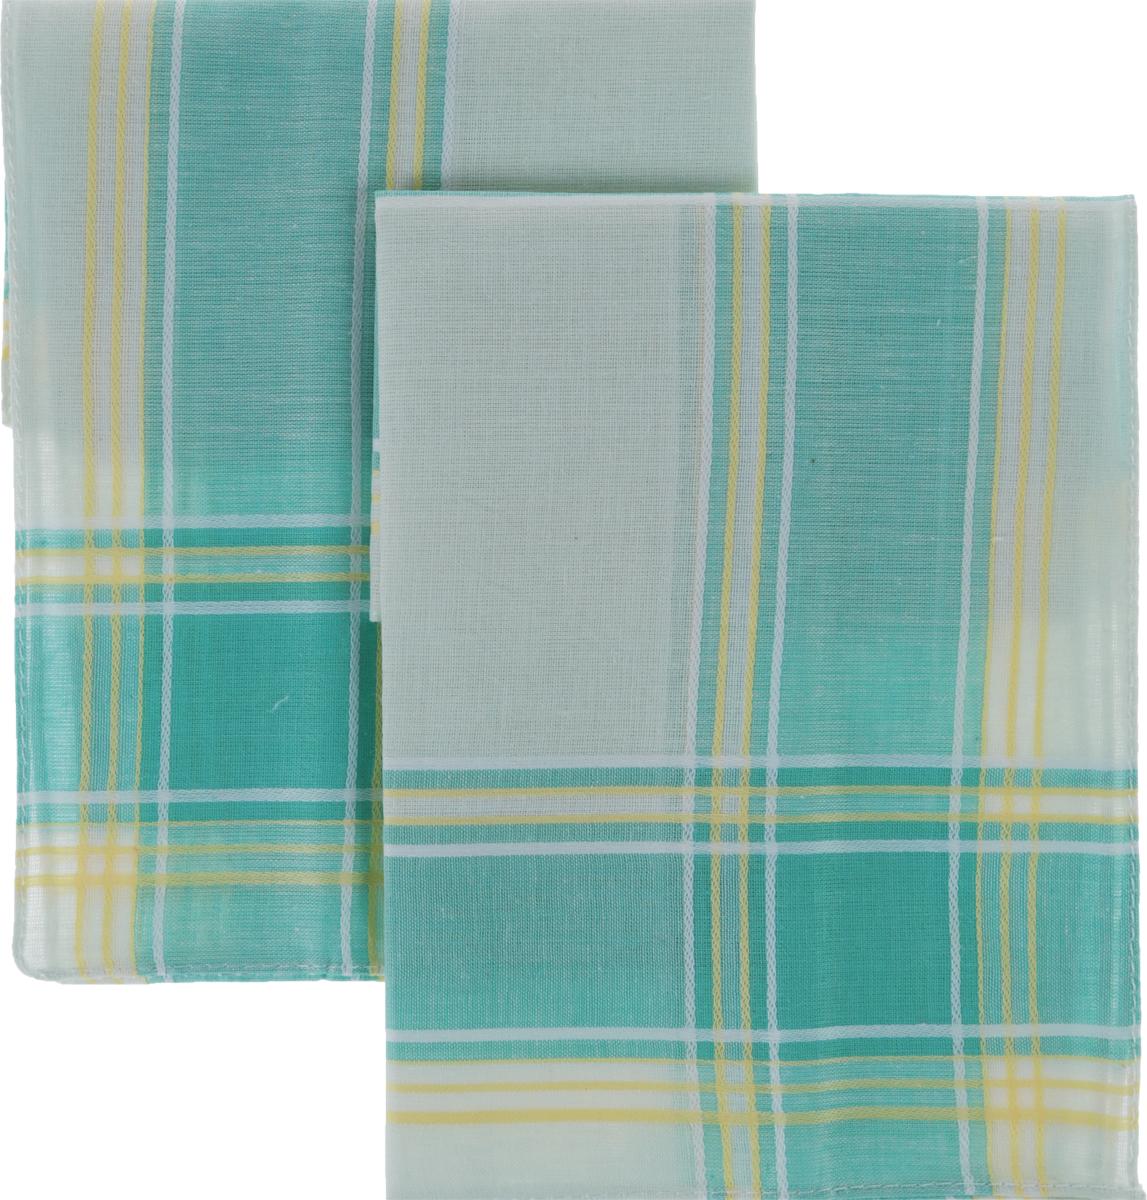 Платок носовой женский Zlata Korunka, цвет: желтый, зеленый, 4 шт. 71417. Размер 27 х 27 смСерьги с подвескамиЖенские носовые платки Zlata Korunka изготовлены из натурального хлопка, приятны в использовании, хорошо стираются, материал не садится и отлично впитывает влагу. В упаковке 4 штуки.